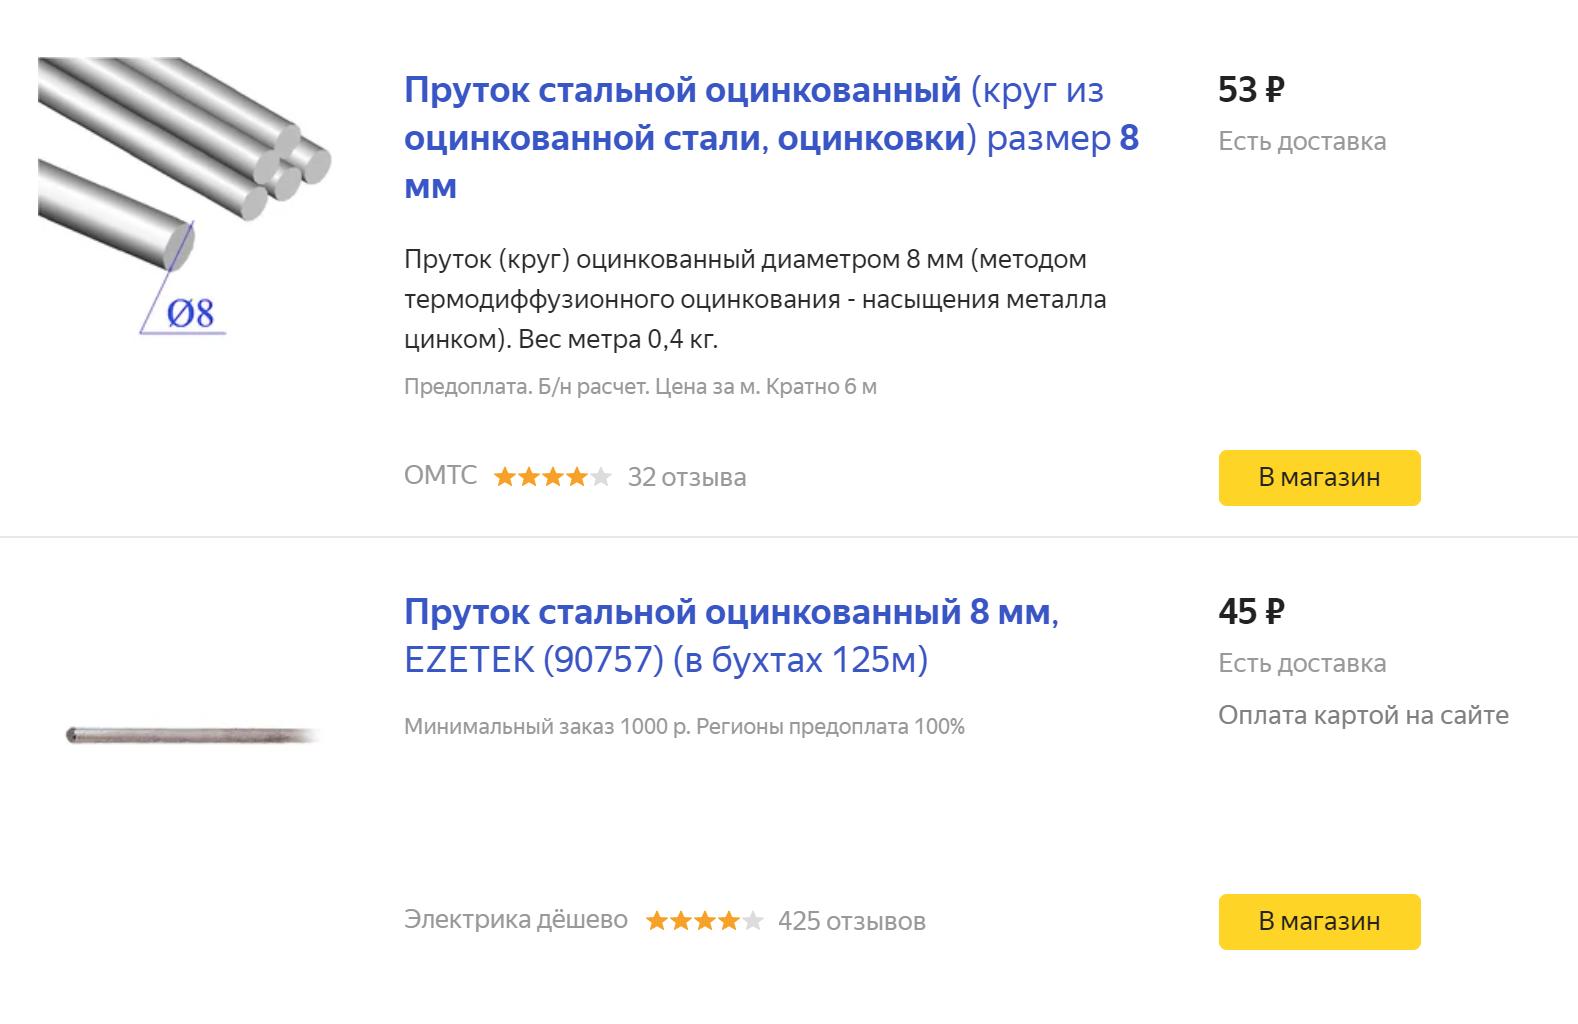 Стандартное решение — стальной оцинкованный пруток диаметром 8&nbsp;мм. Он дешевый и надежный. На «Яндекс-маркете» можно найти прутки по 50<span class=ruble>Р</span> за метр